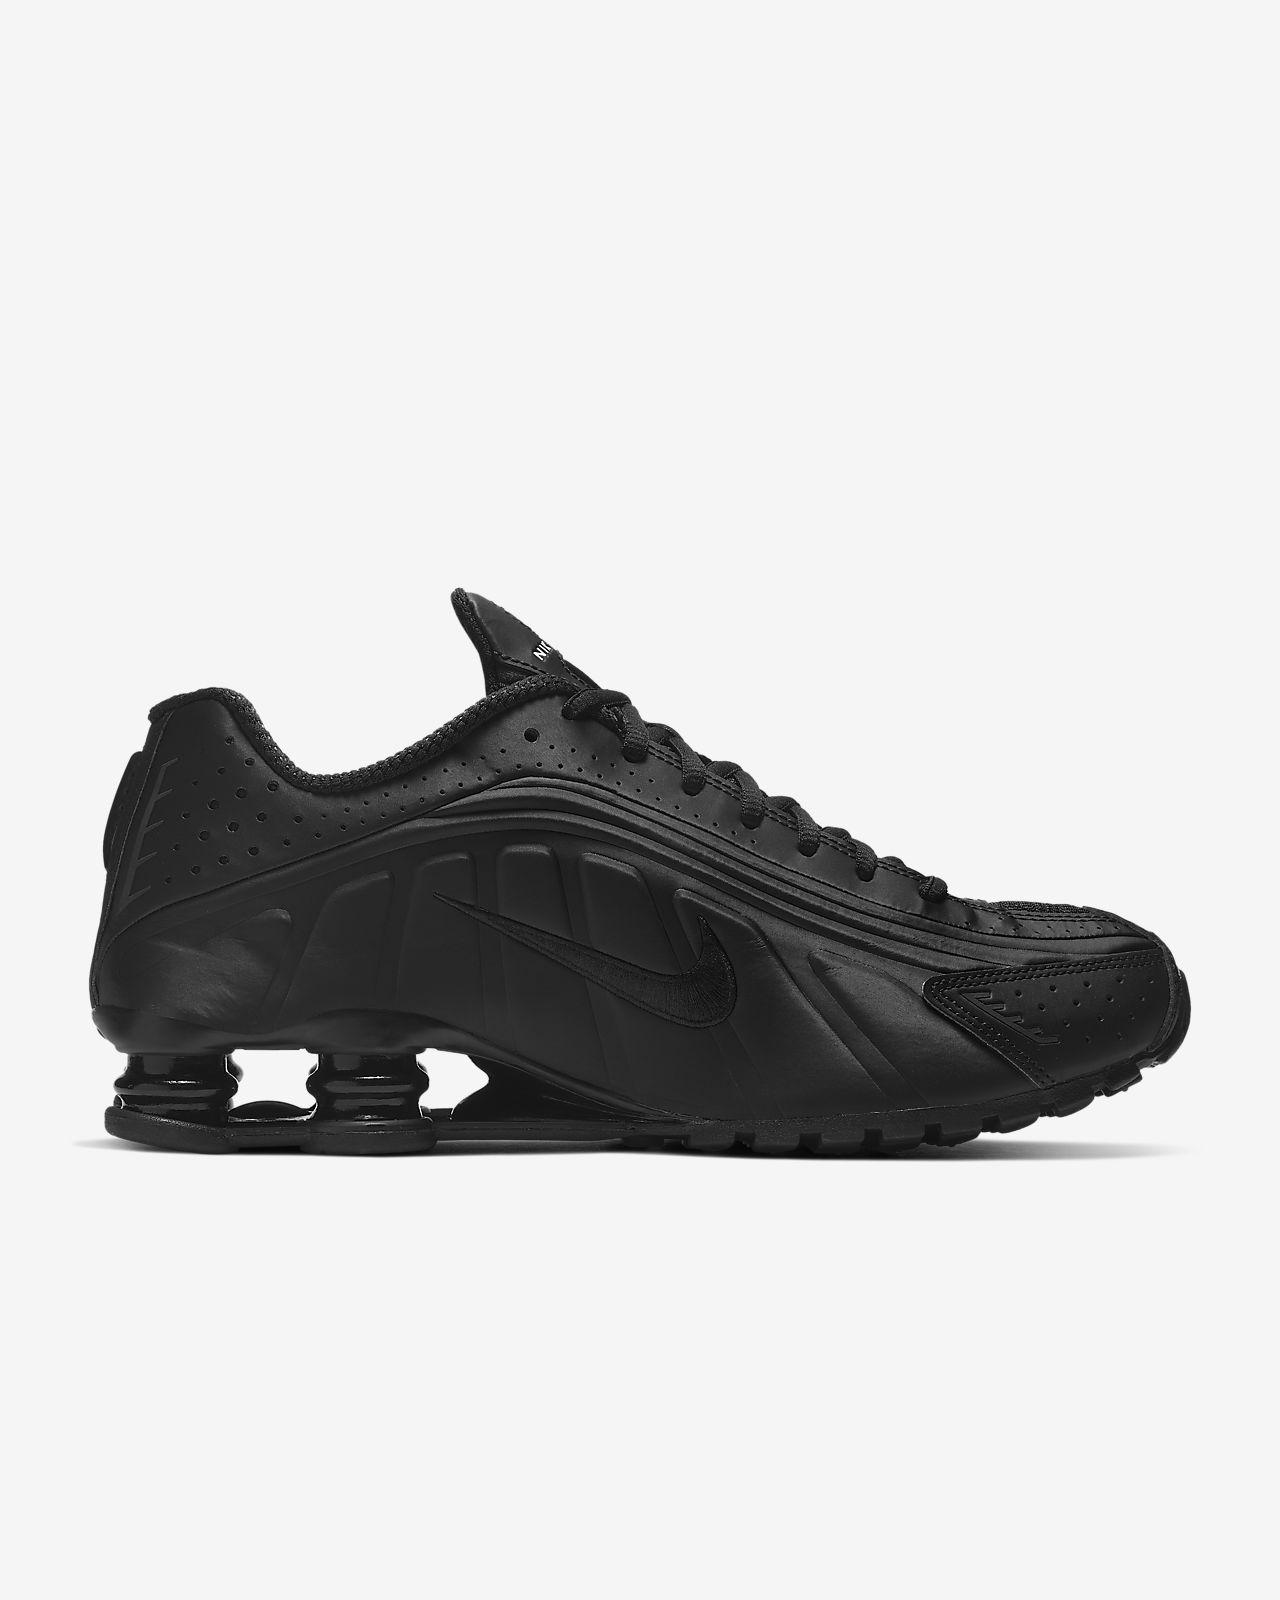 sale retailer 8e957 7337f Nike Shox R4 Men's Shoe